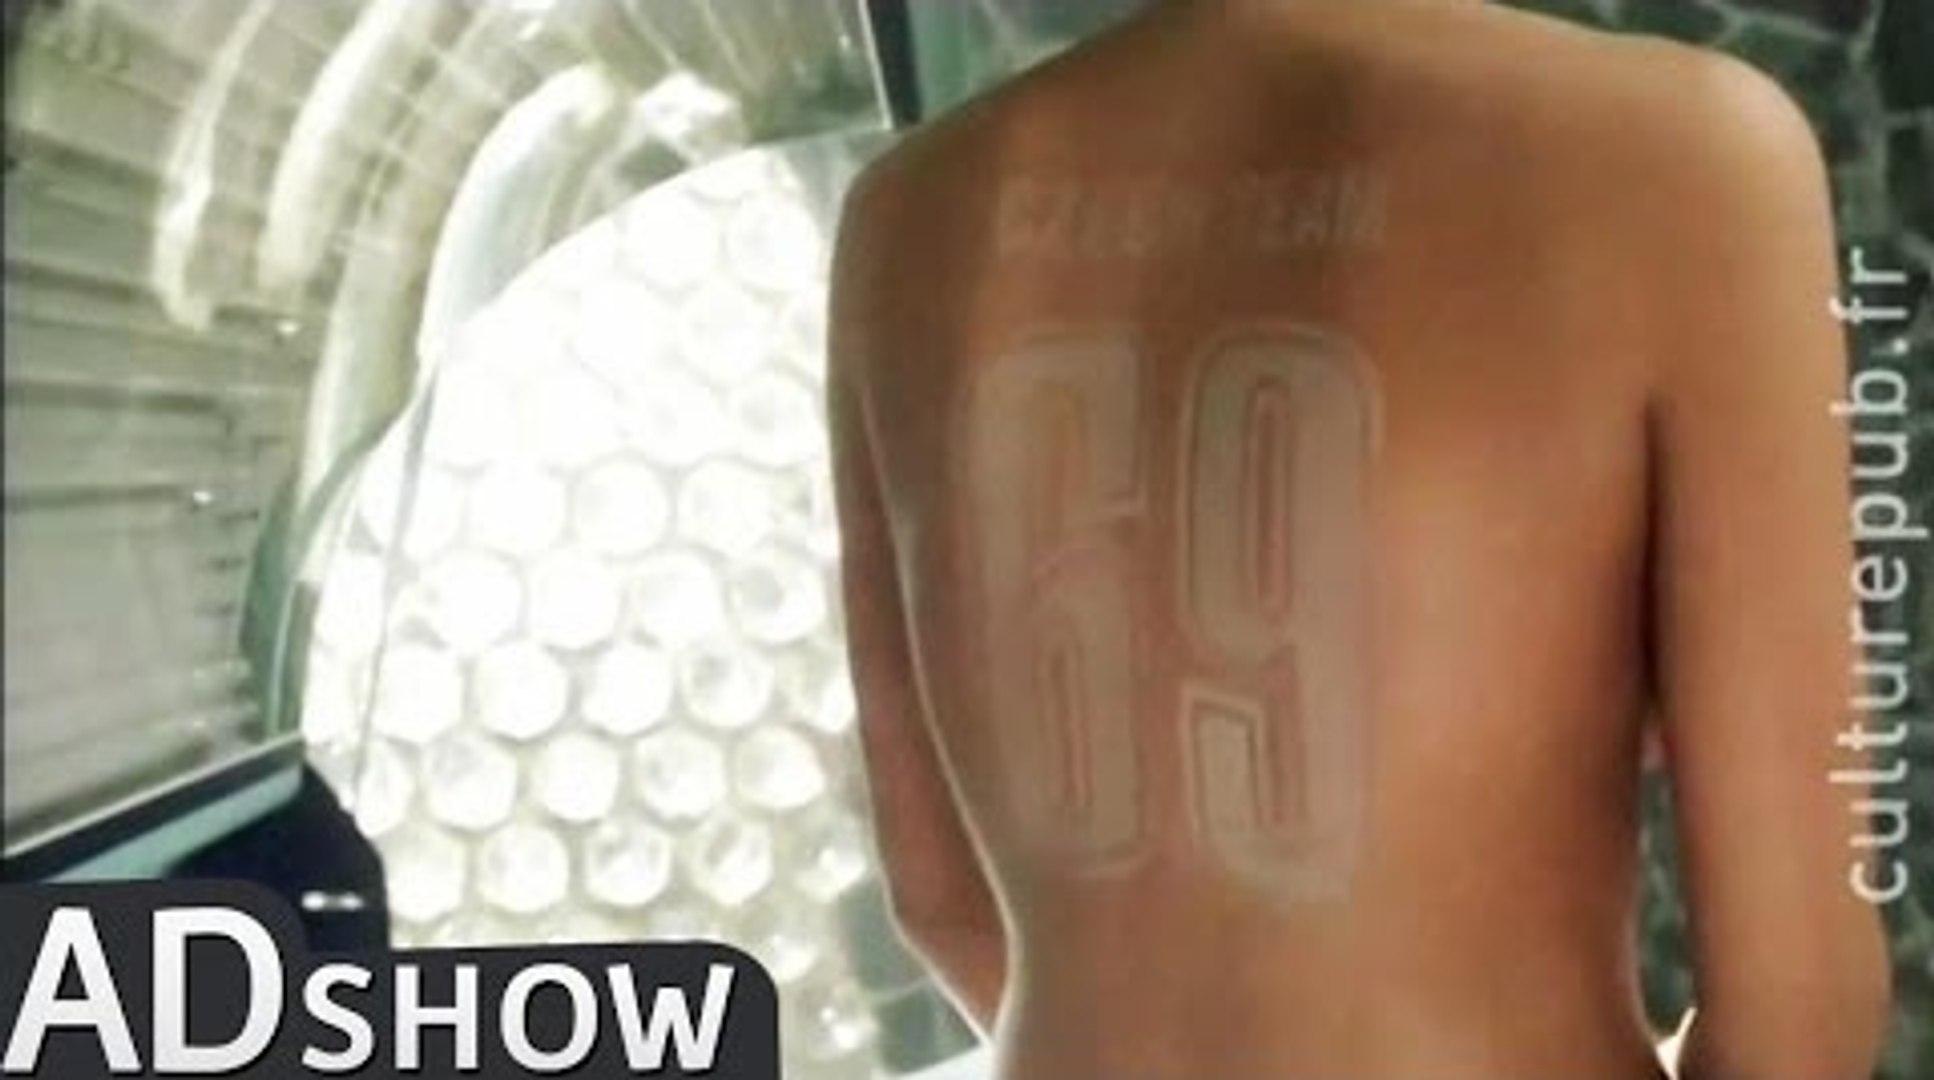 Naked woman tries unusual tattoo